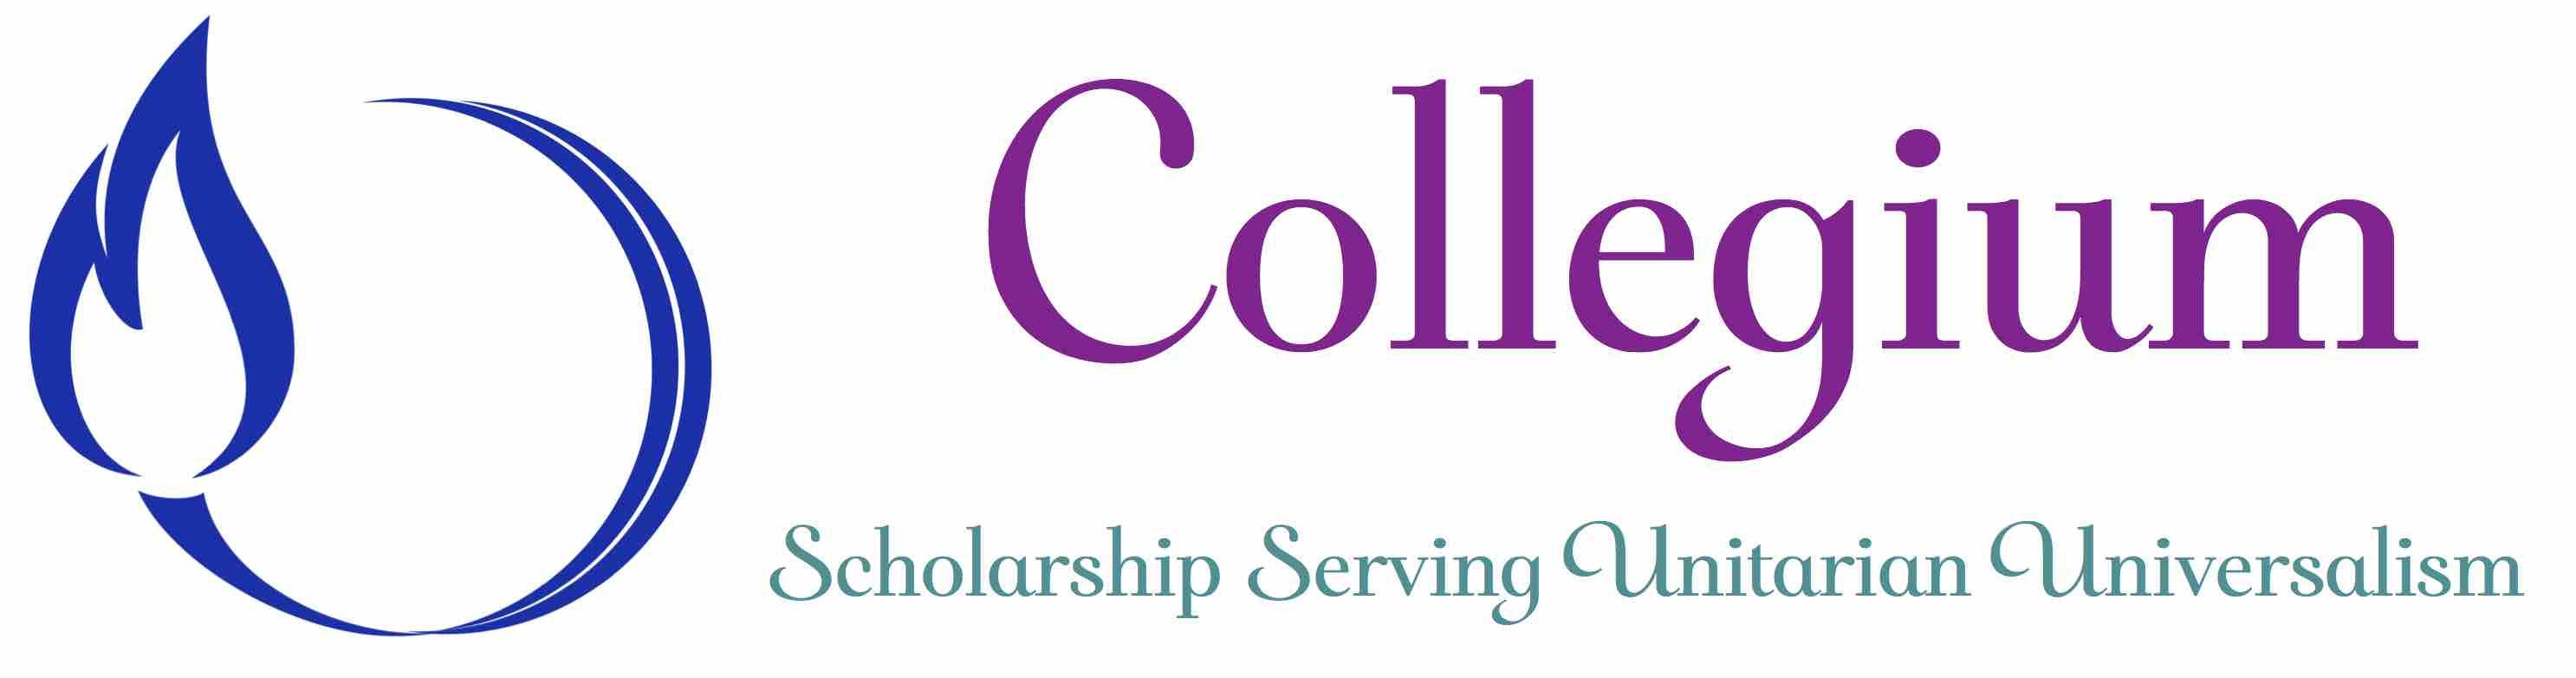 UU Collegium Logo